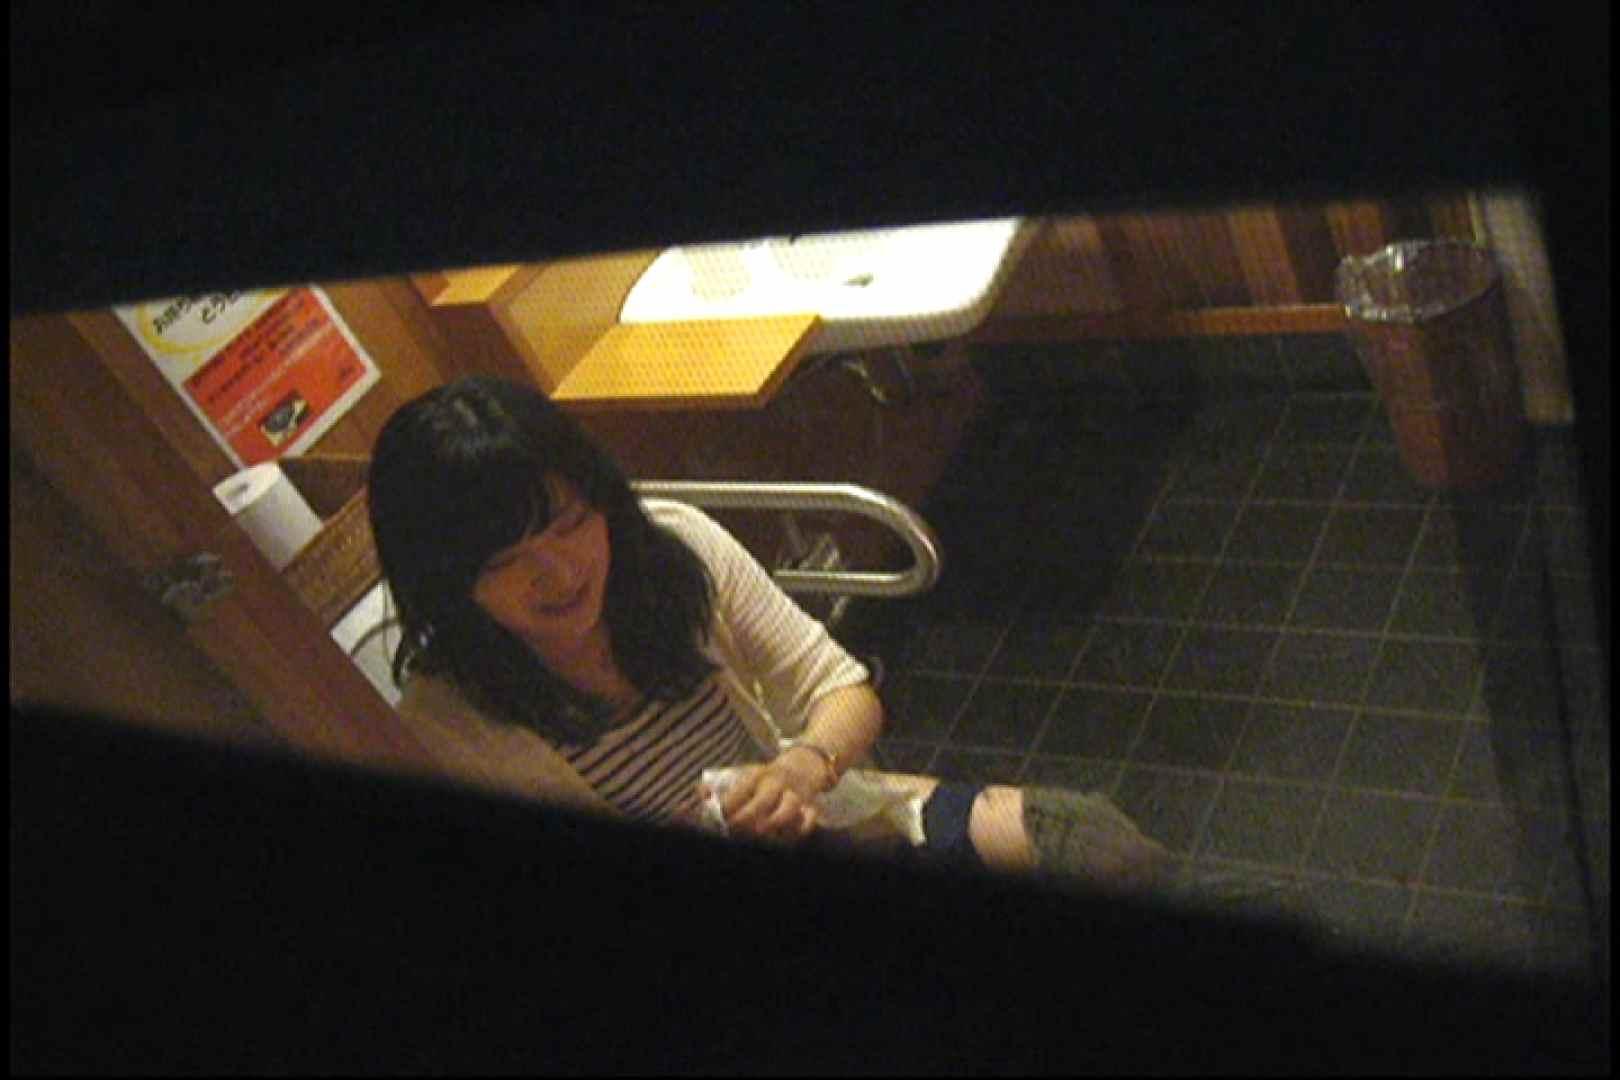 無修正エロ動画|No.4 美人の洋式kawaya内での様子を観察!|怪盗ジョーカー